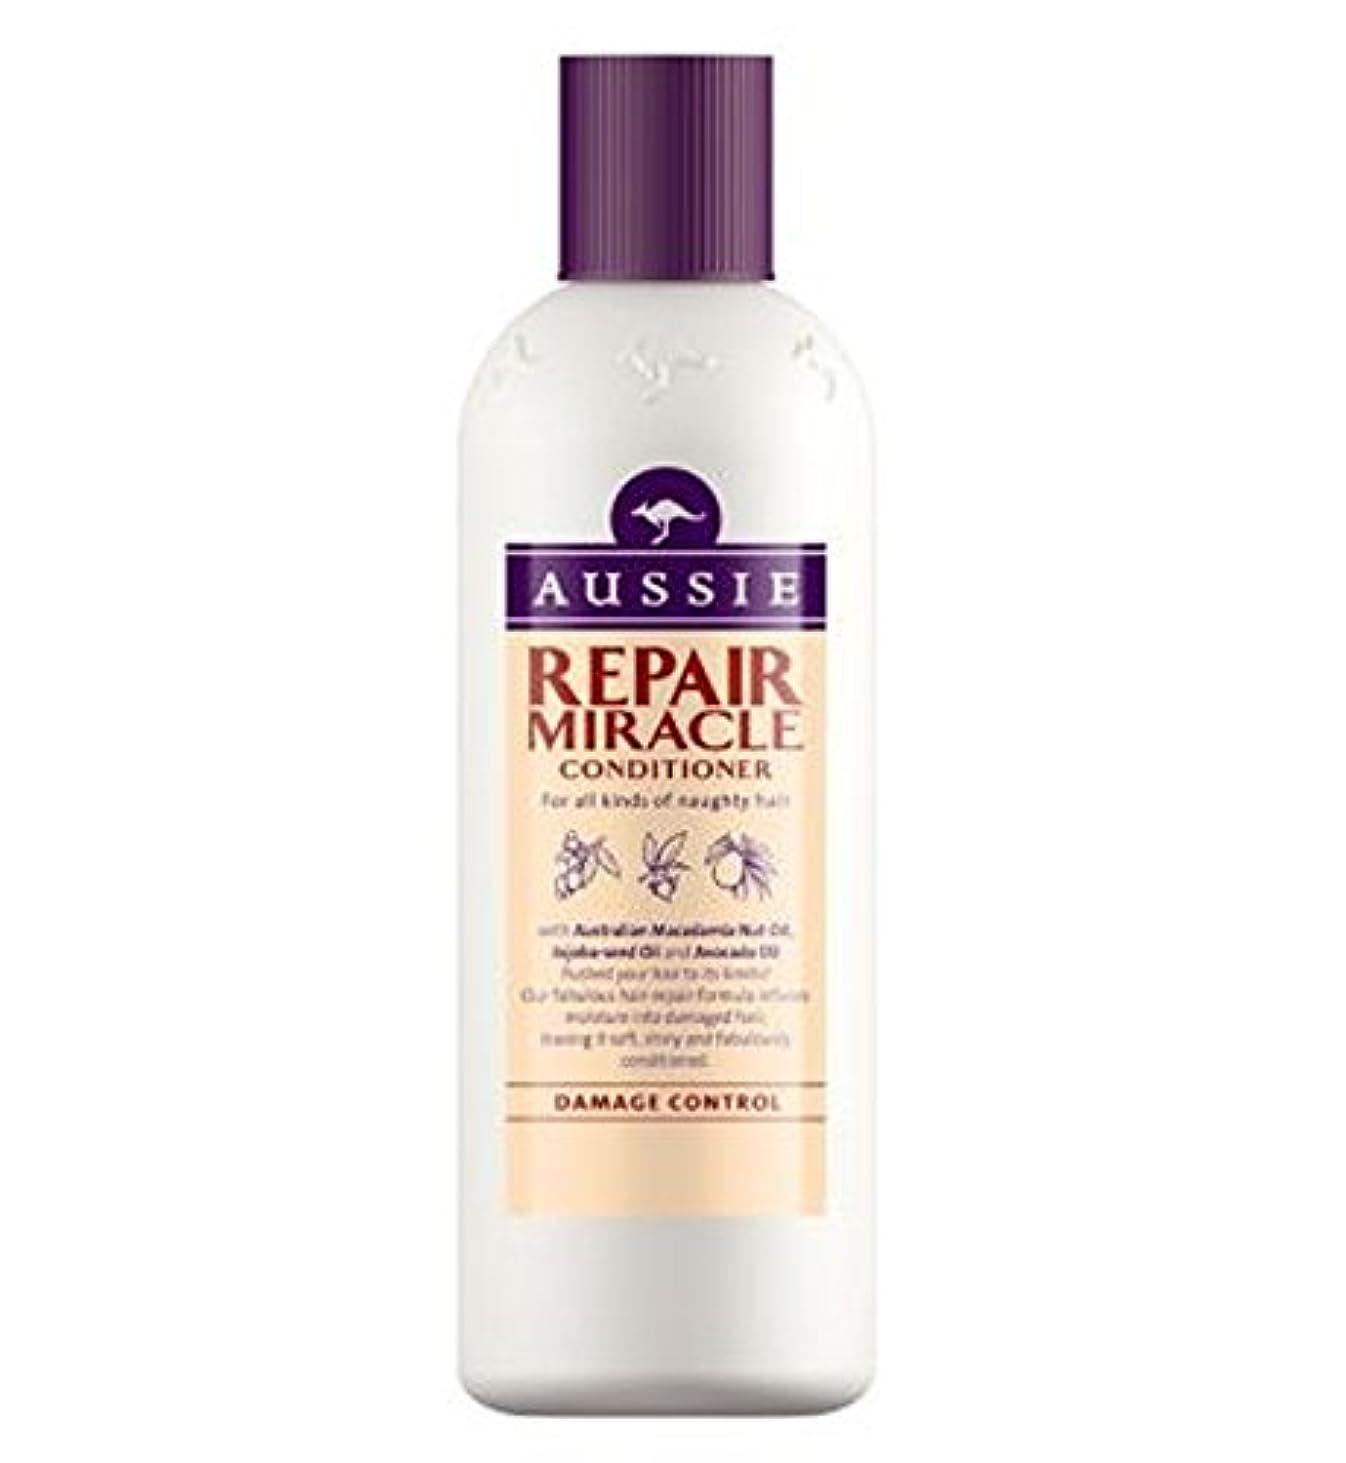 ガラス襲撃新聞Aussie Conditioner Repair Miracle for All Kinds of Naughty Hair 400ml - いたずらヘア400ミリリットルのすべての種類のオージーエアコンの修理の奇跡...